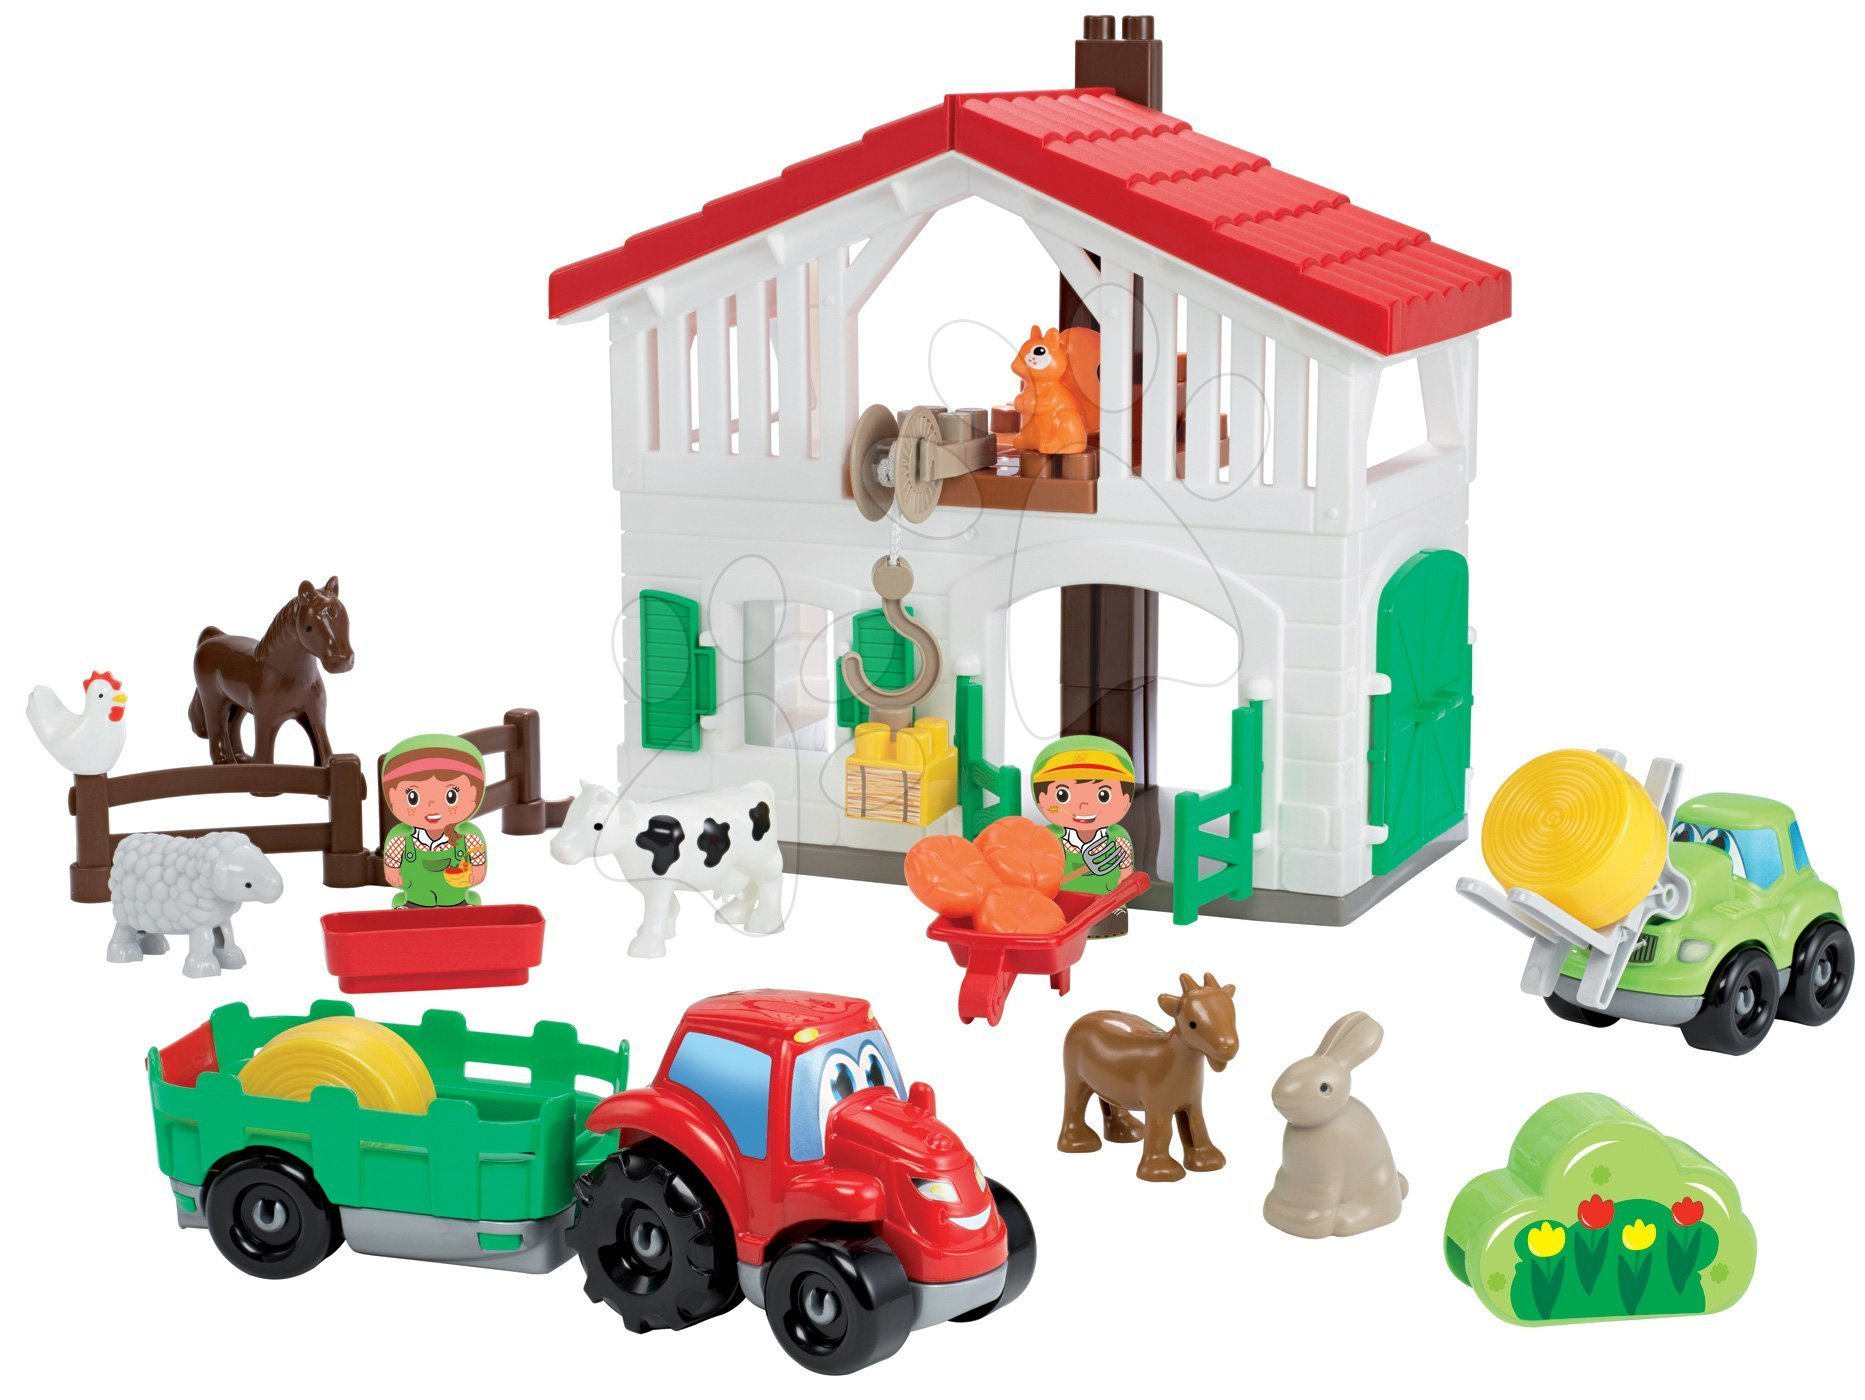 Építőjáték farm traktorral Abrick Écoiffier 7 állatkával és 2 gazdával 18 hó-tól